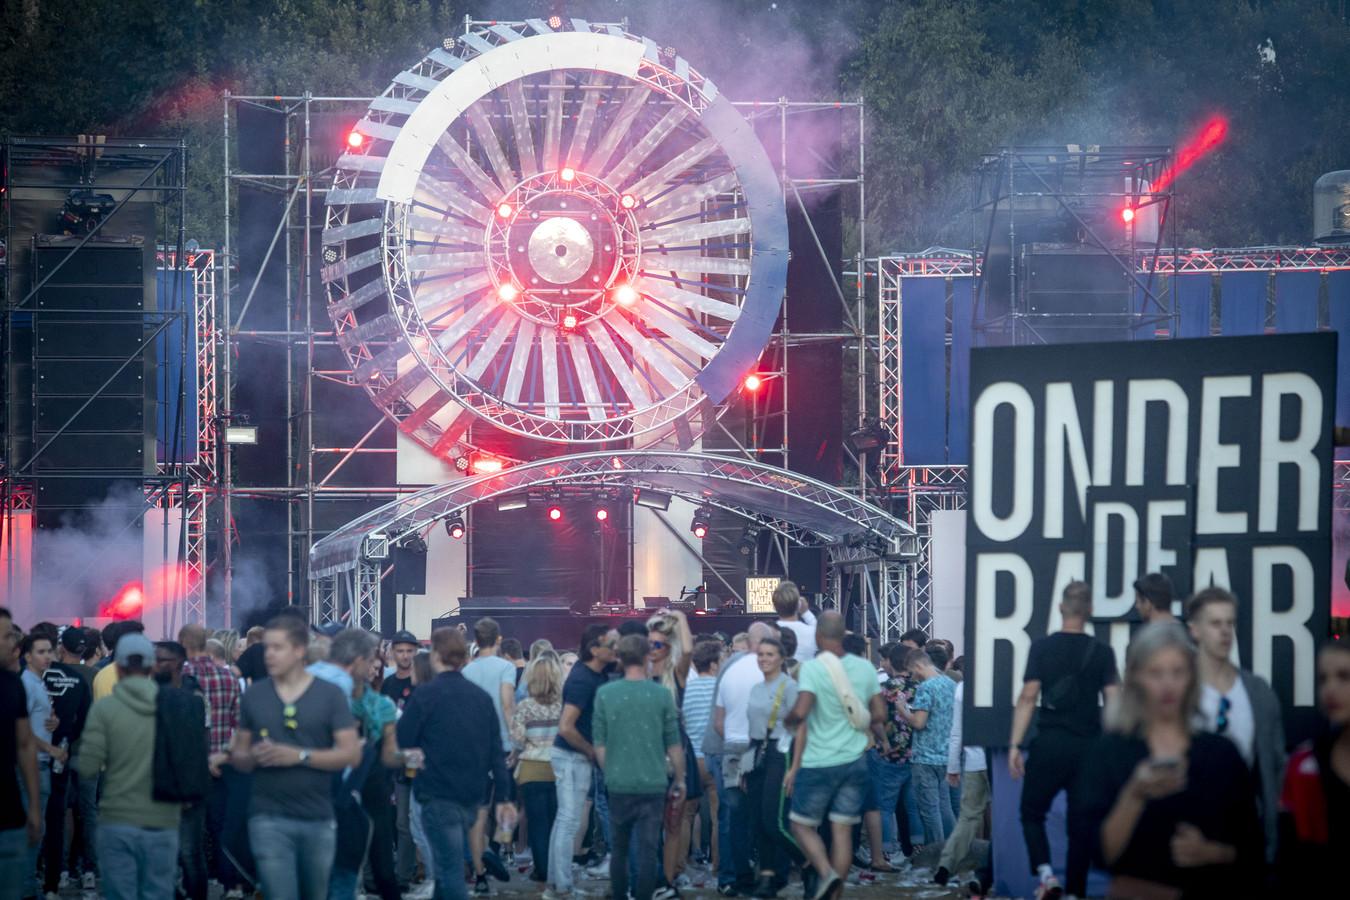 Onder de Radar, het eerste technofestival van Overijssel, vond in 2018 voor het eerst plaats.